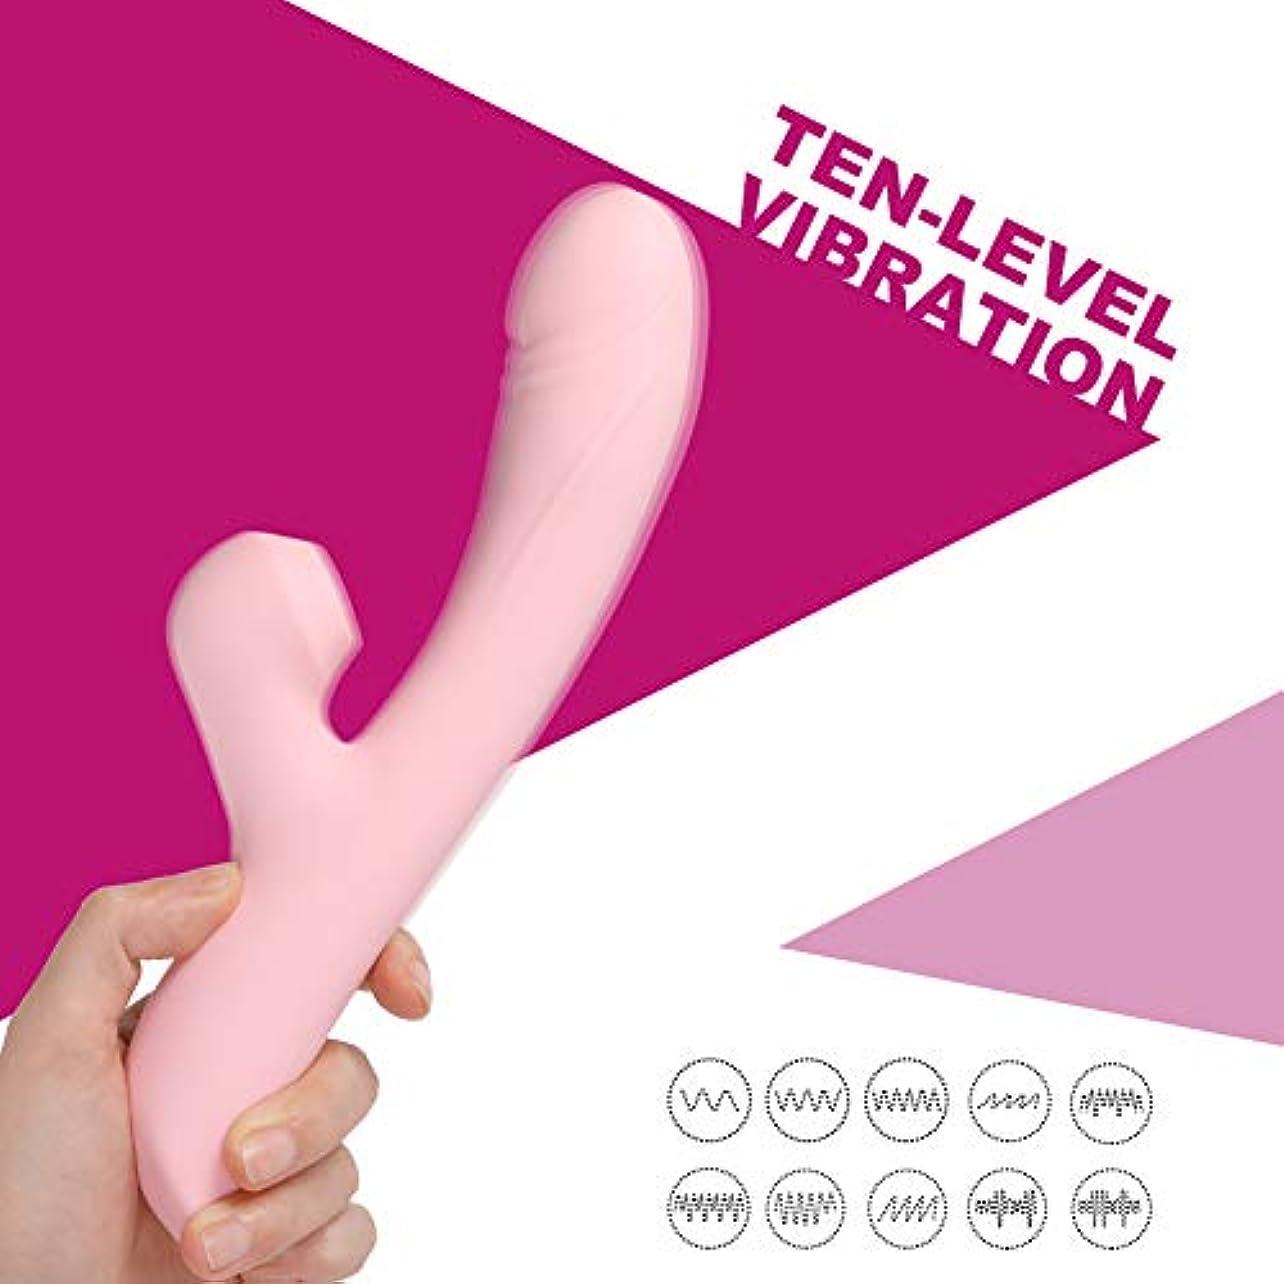 ゴミ箱を空にするテープスカーフボディ 人気 バイブレーター 加熱機能 潮吹き 女性 Gスポット 女性マッサージ器 アダルトグッズ (ピンク色)